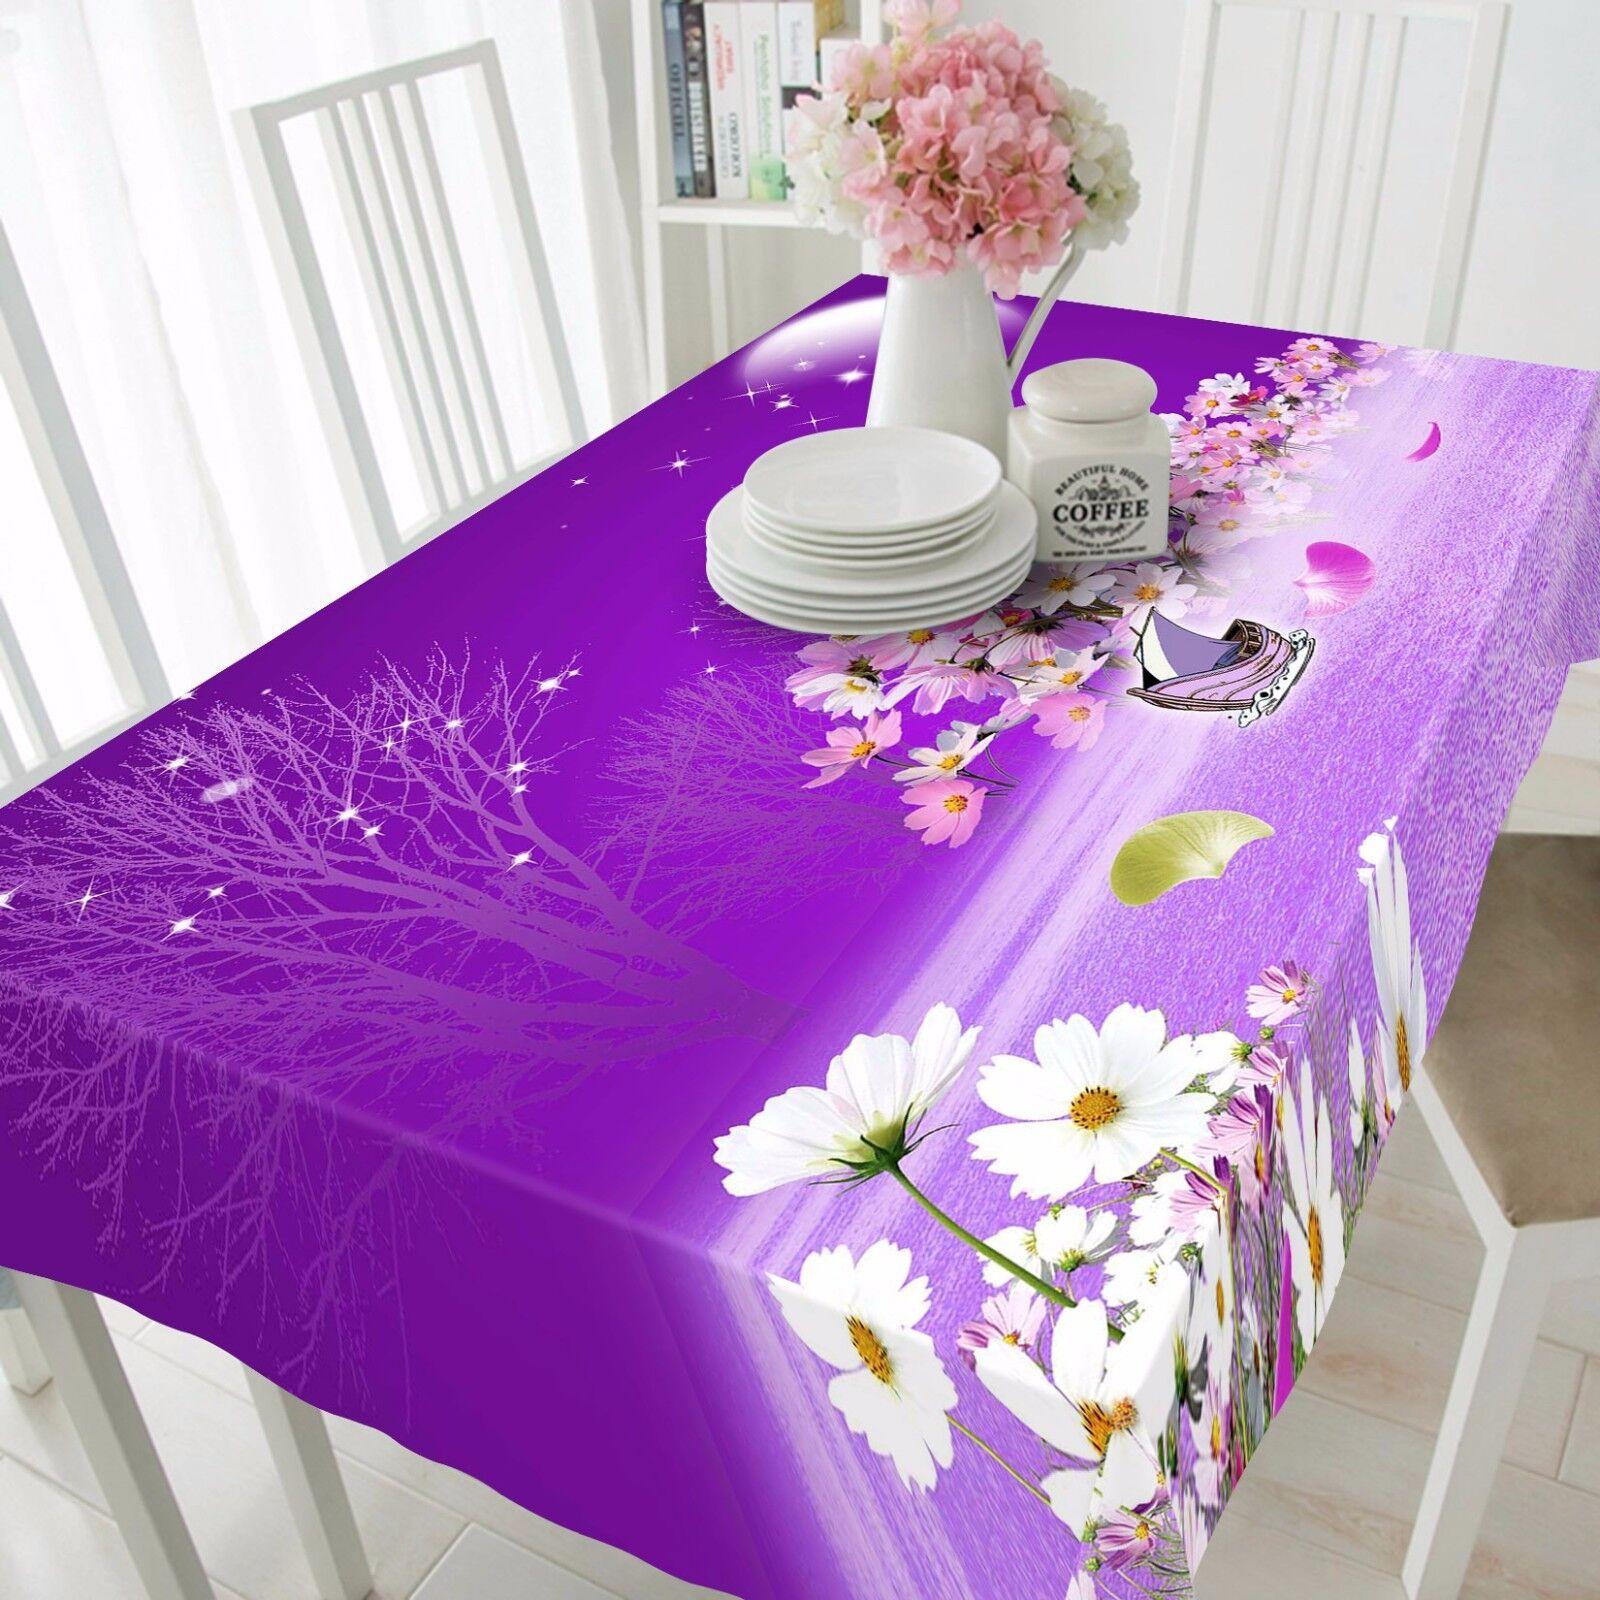 Fleurs 3D 836 Nappe Table Cover Cloth Fête D'Anniversaire événement AJ papier peint UK